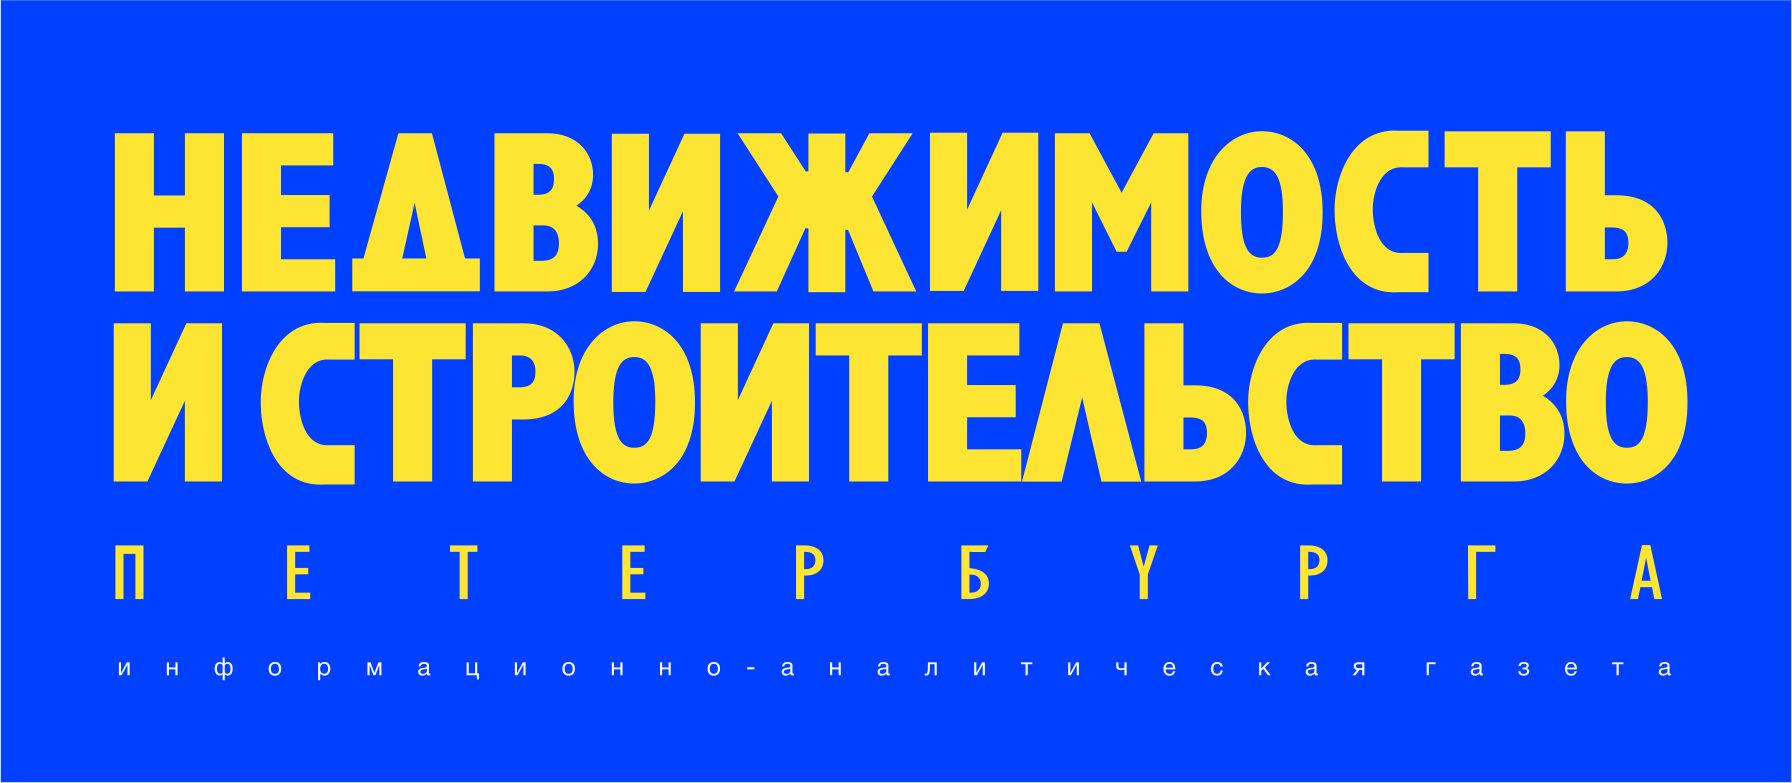 nsp logo jpg